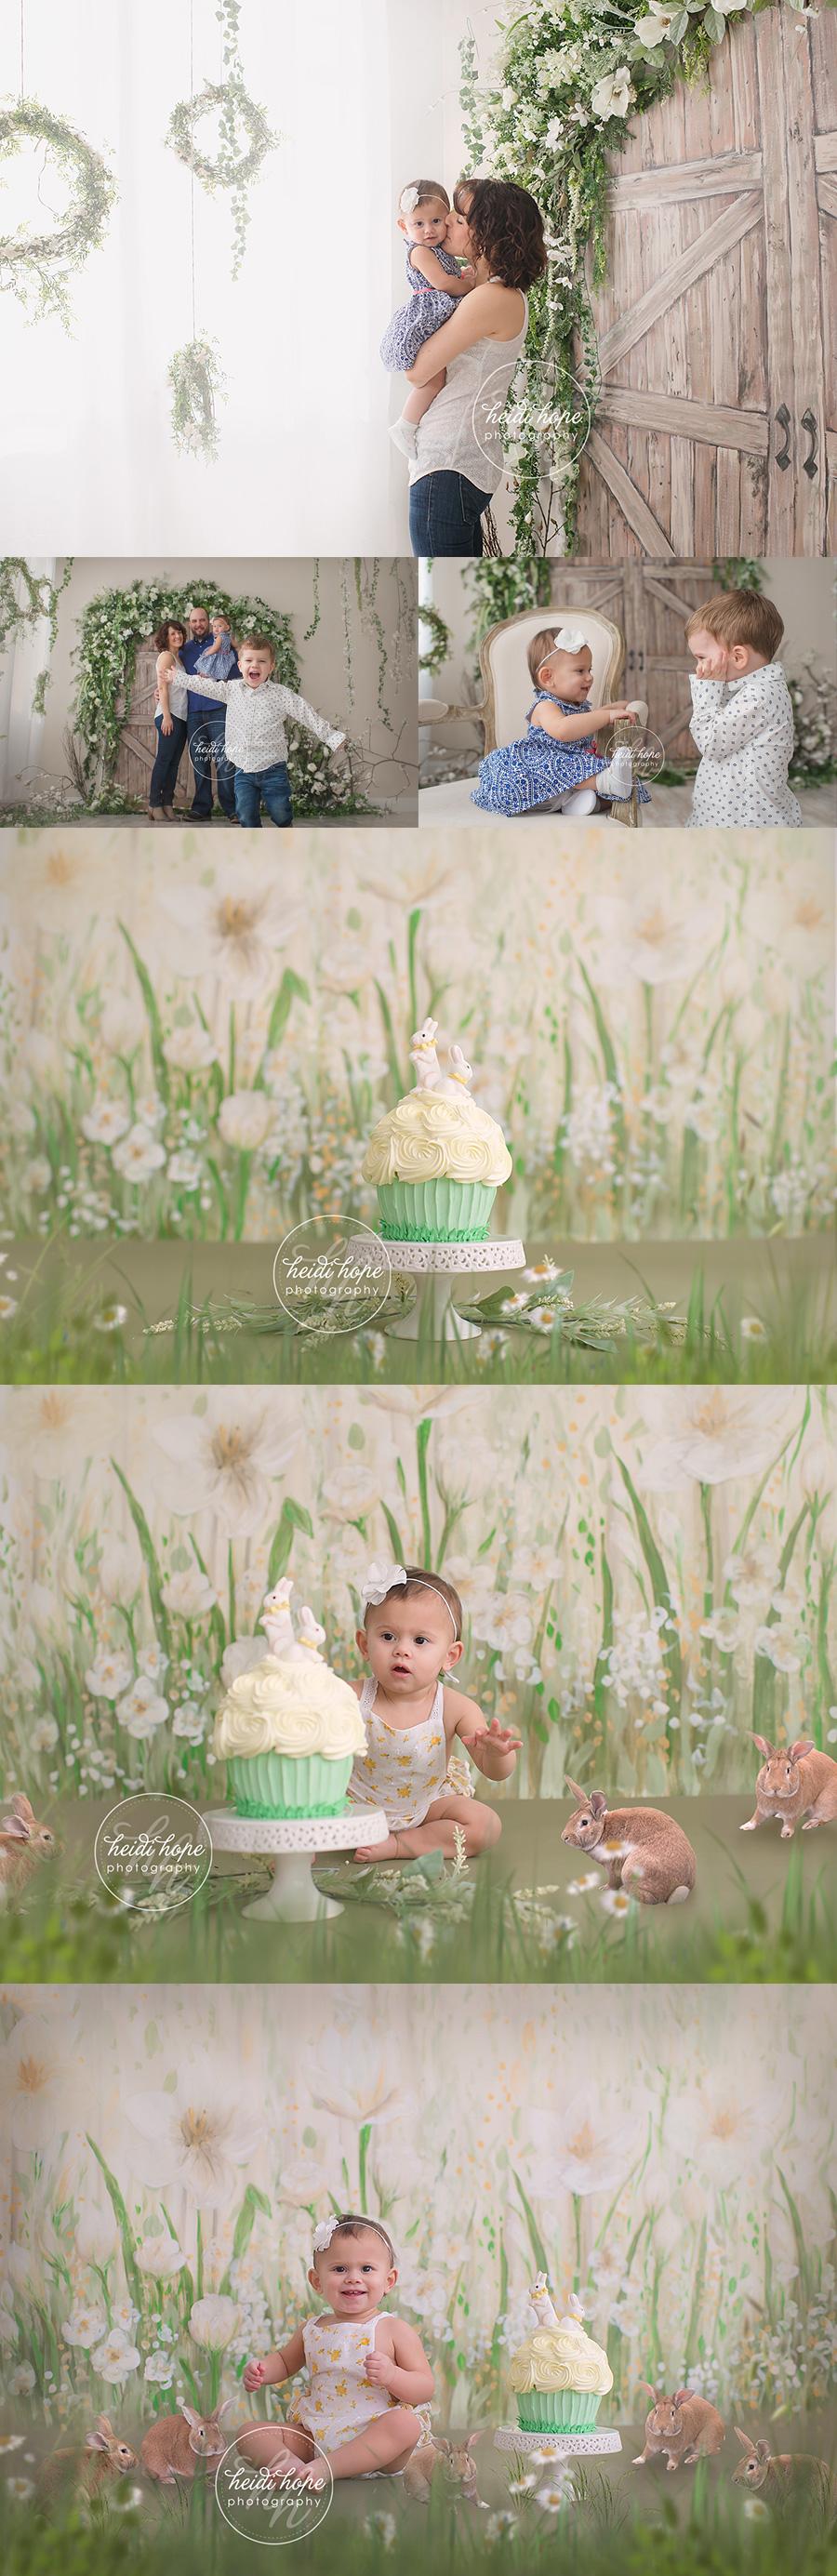 spring-bunny-garden-cake-smash-by-masssachusetts-photographer